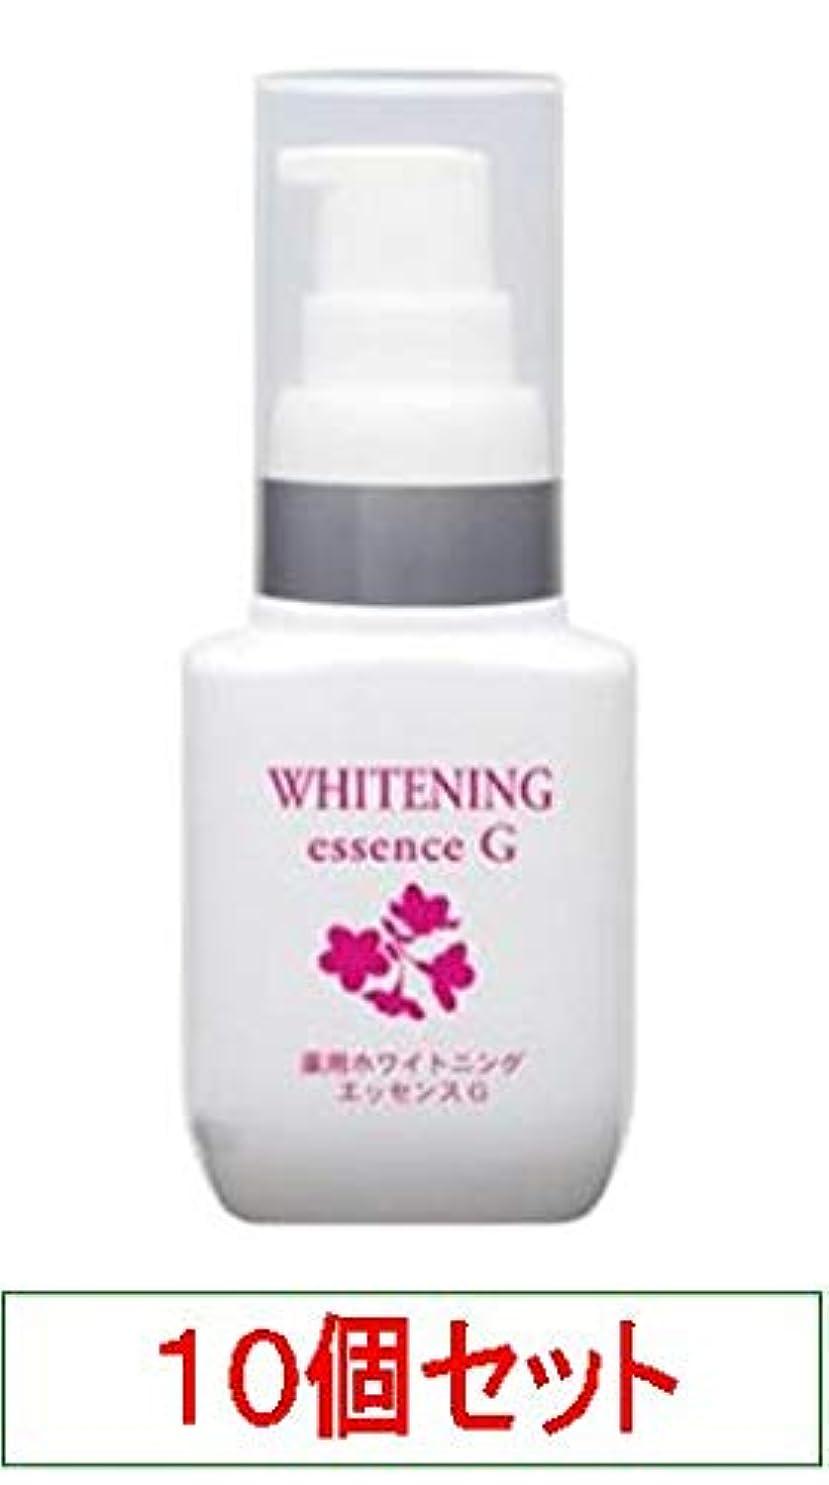 実質的に不要端末ハイム 薬用ホワイトニングエッセンスG 薬用美白美容液 30ml 医薬部外品 X10個セット